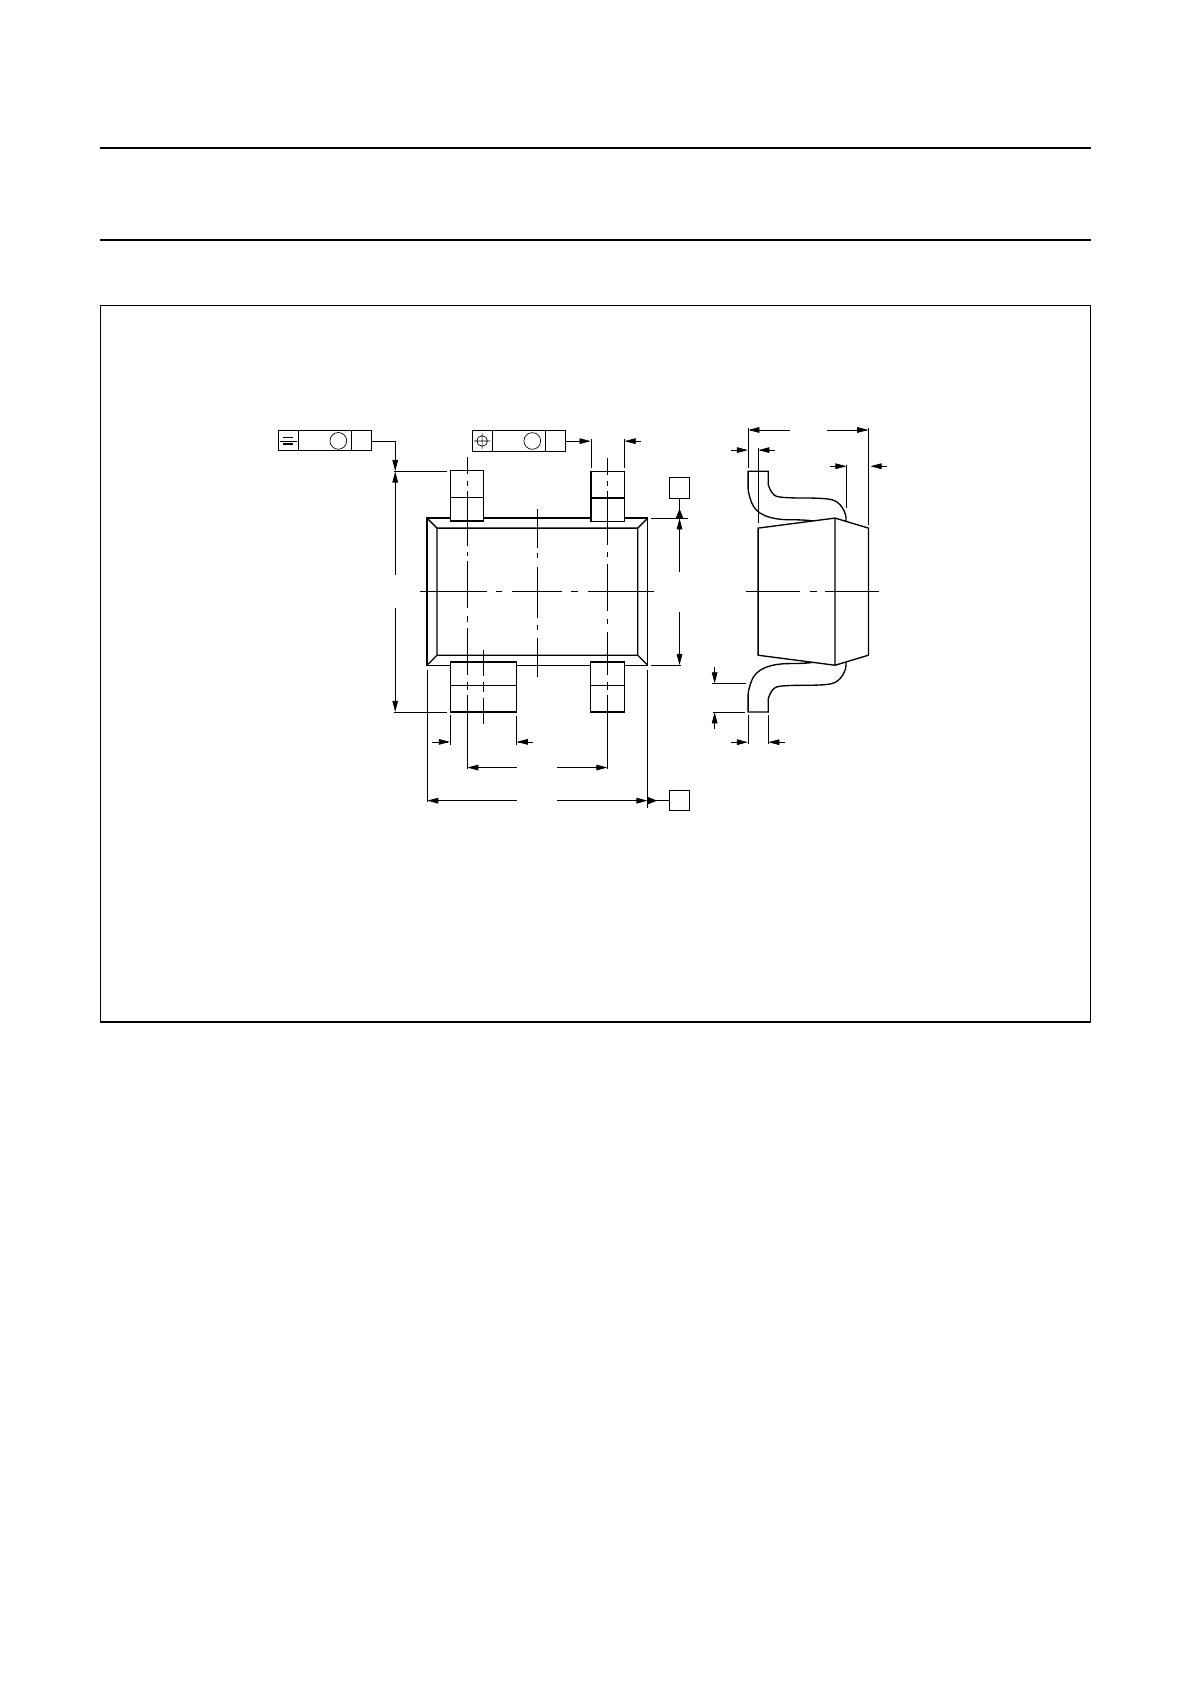 UHF Power Transistor Bfg10w X Philips